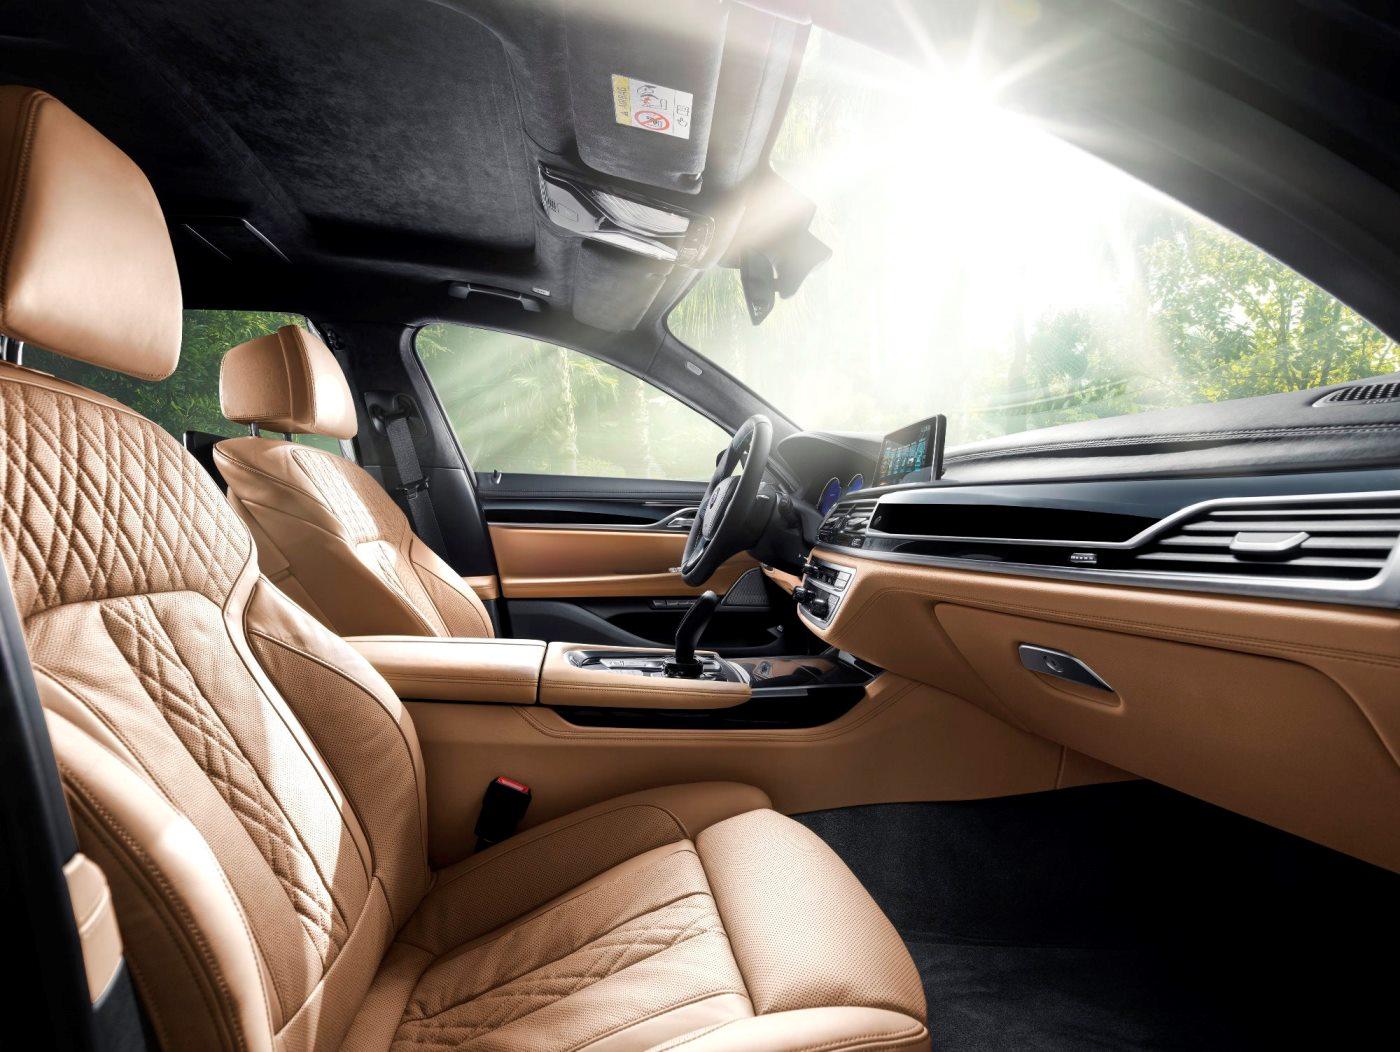 BMW ALPINA B XDrive Interior - Alpina b7 xdrive